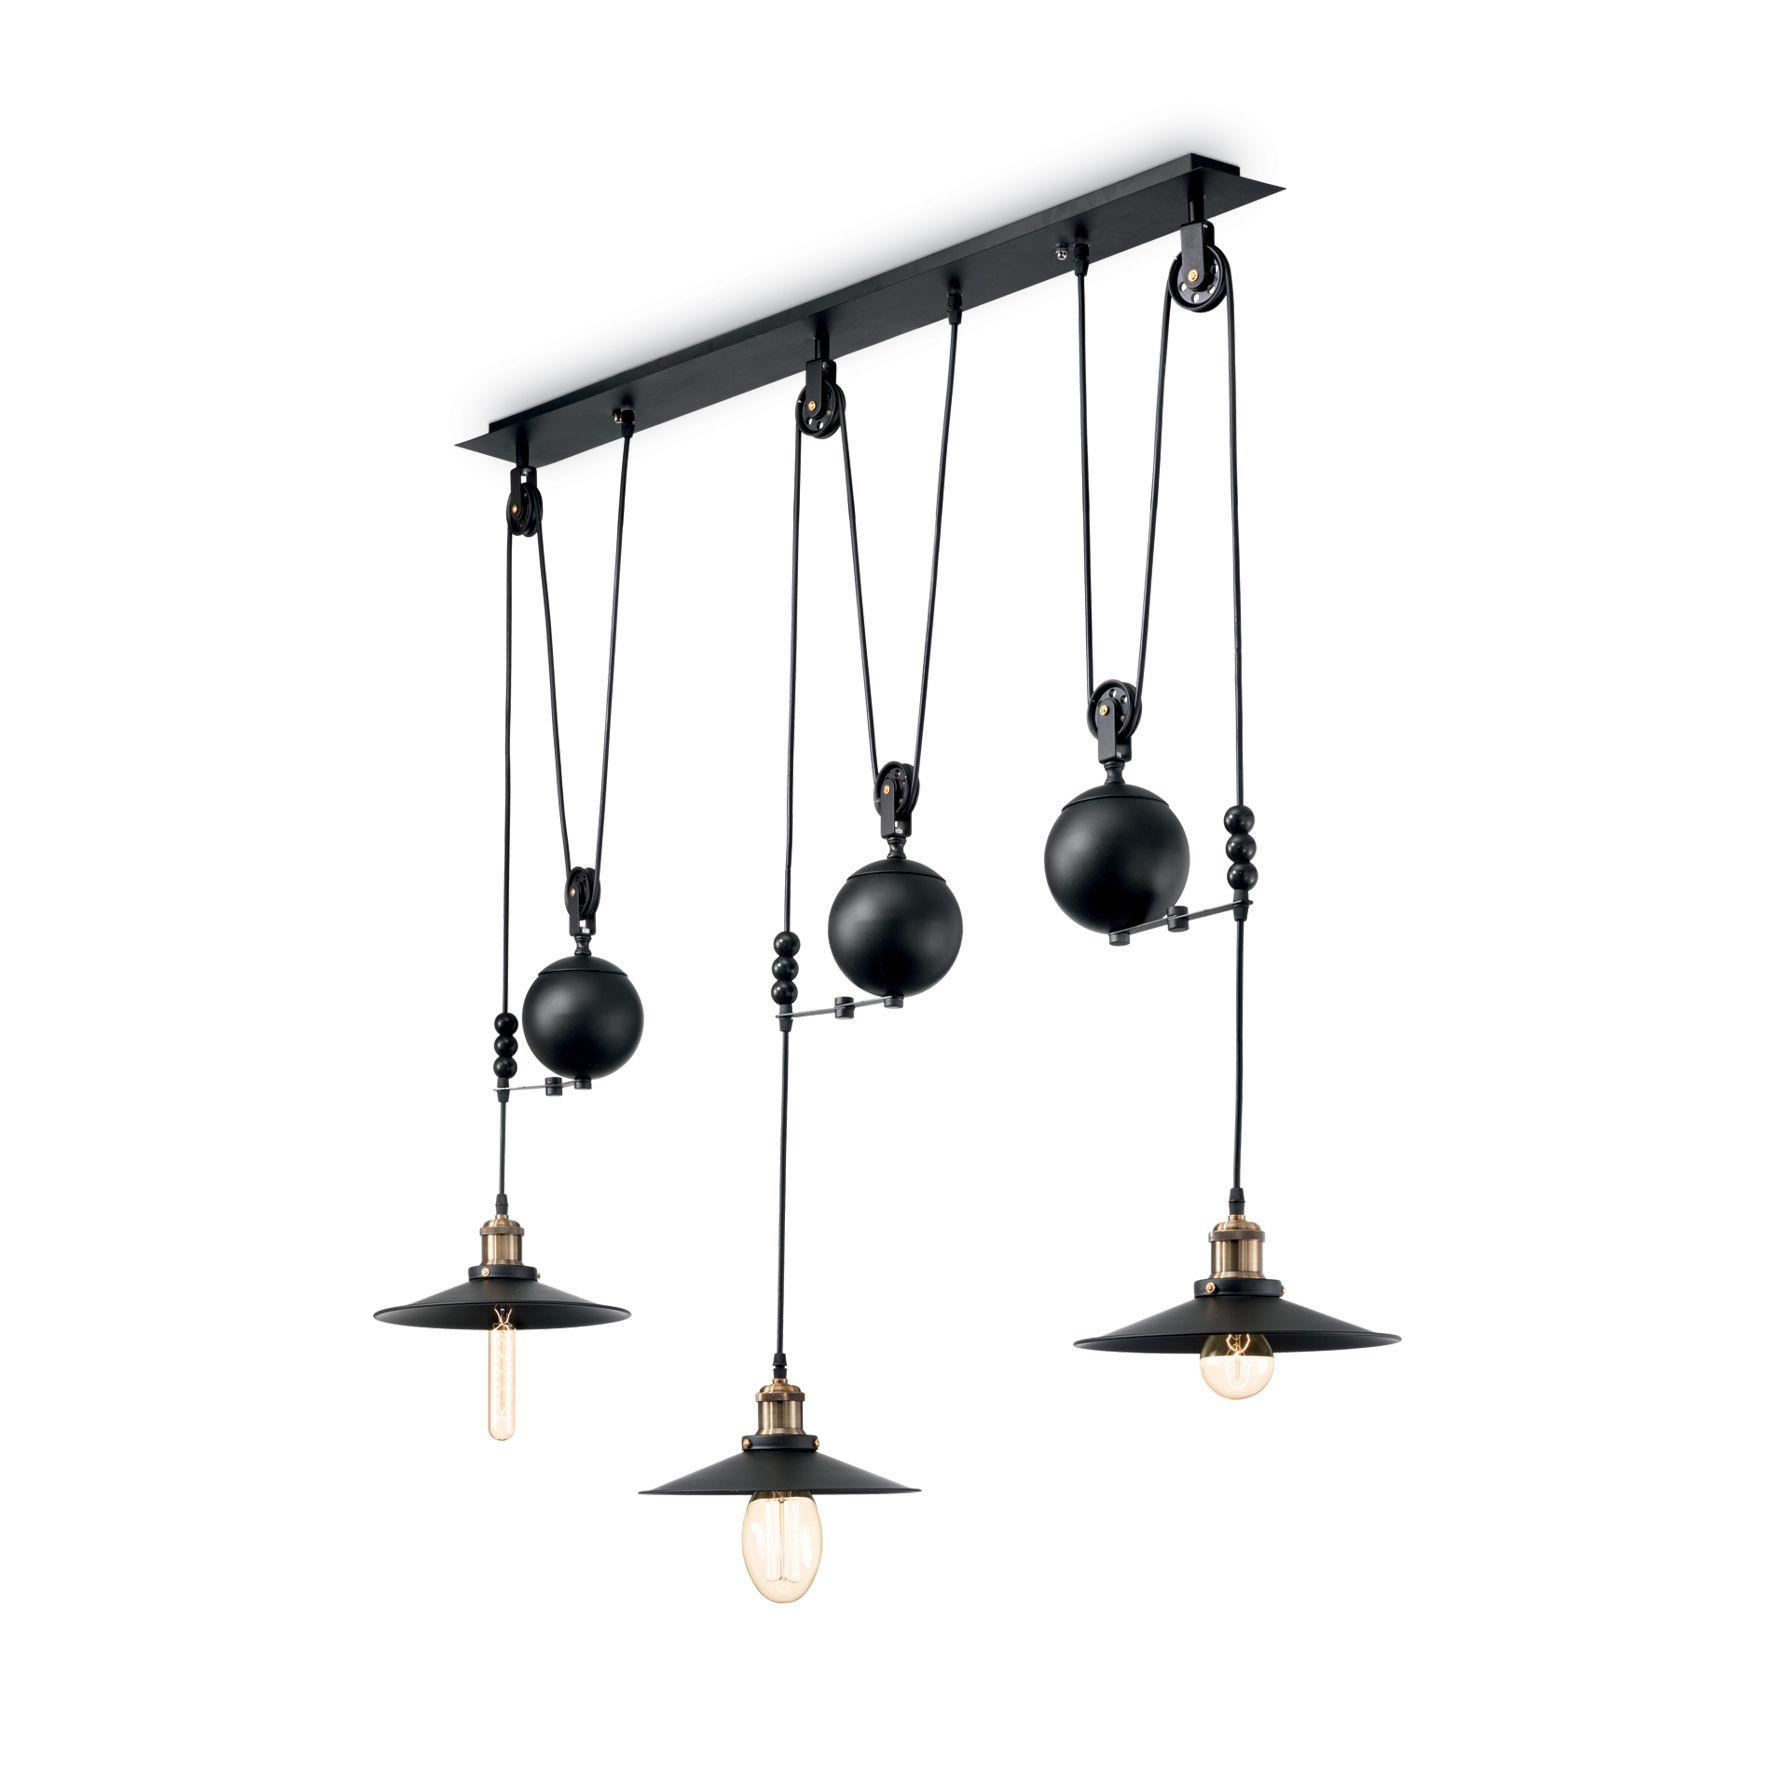 Wandlampe Impeto Wandleuchte Design Beleuchtung Lampe Leuchte